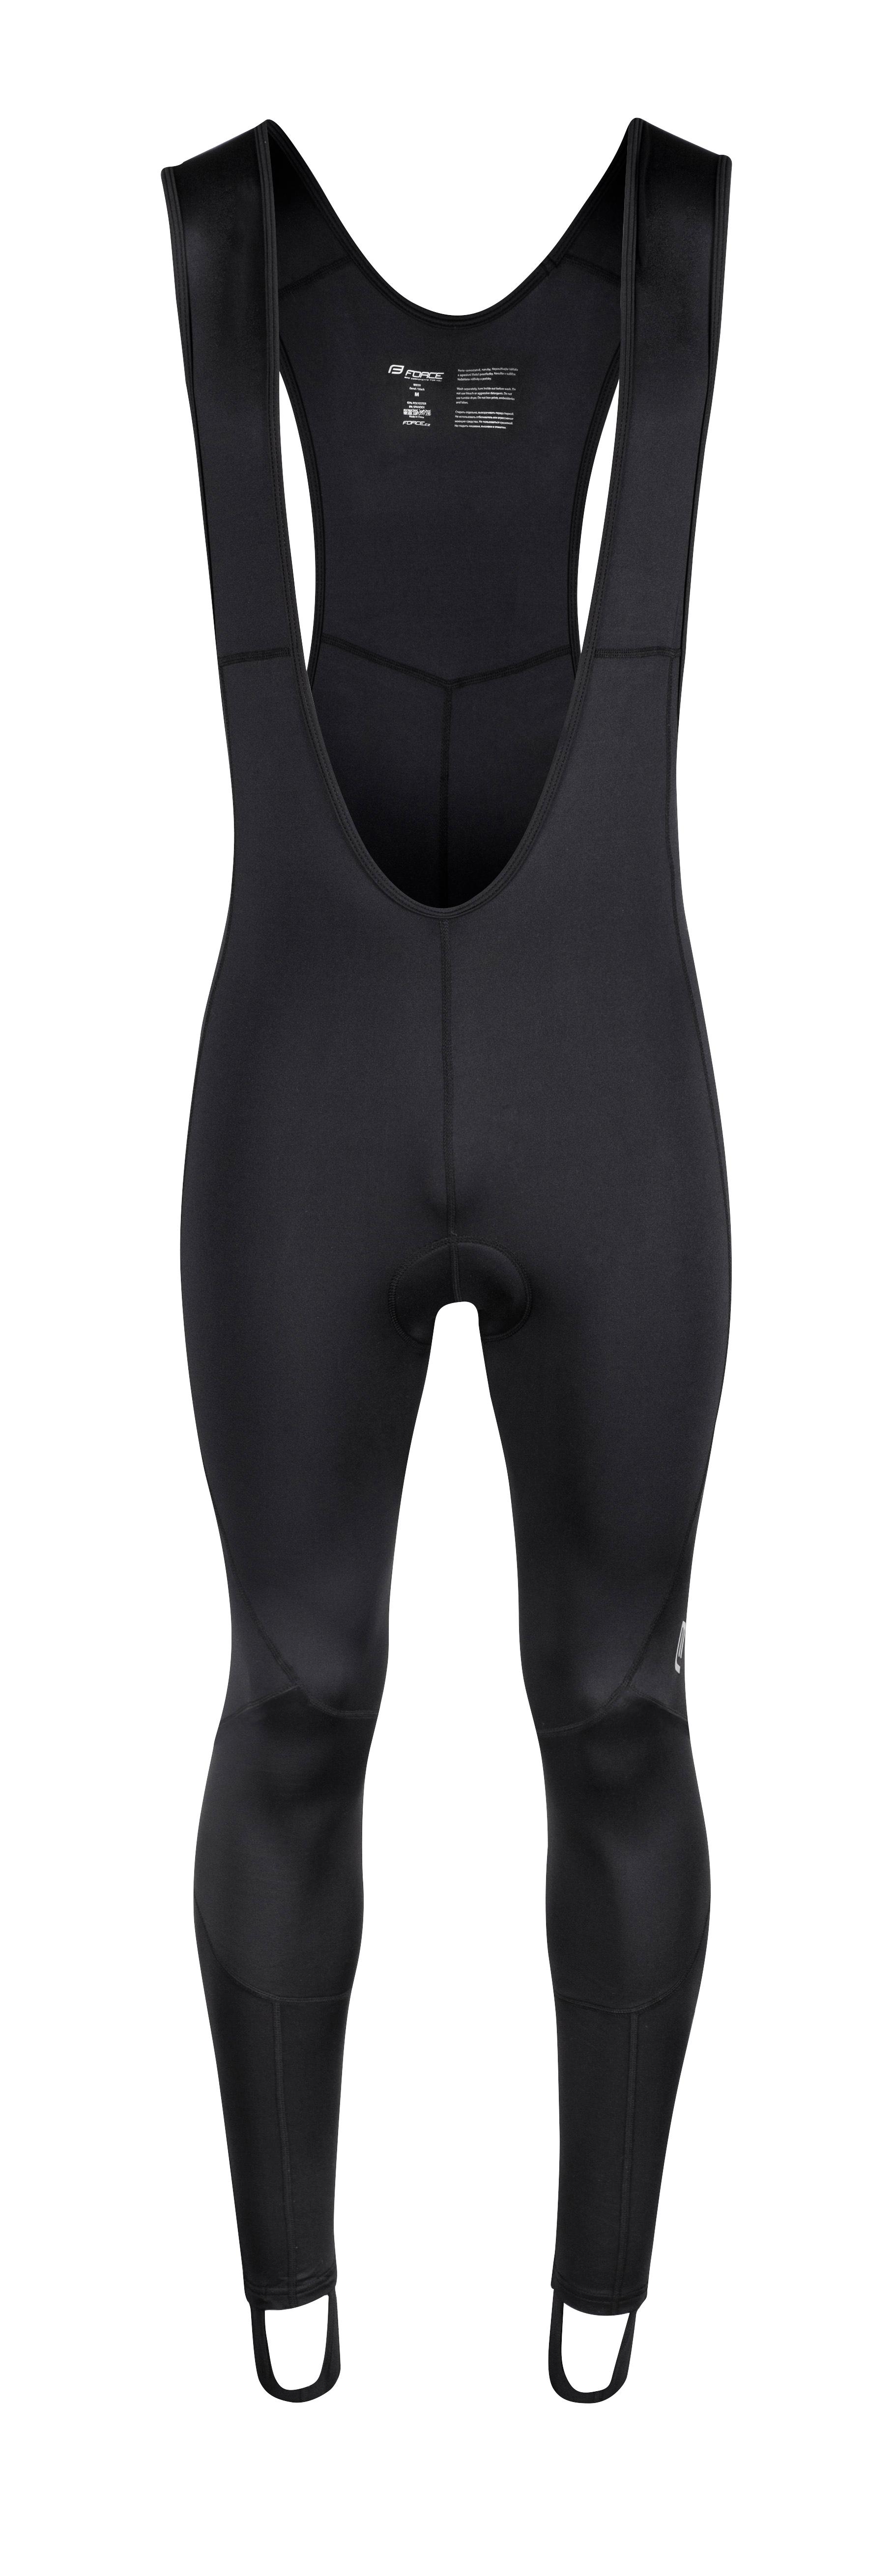 kalhoty FORCE Z68 se šráky a vložkou, černé M